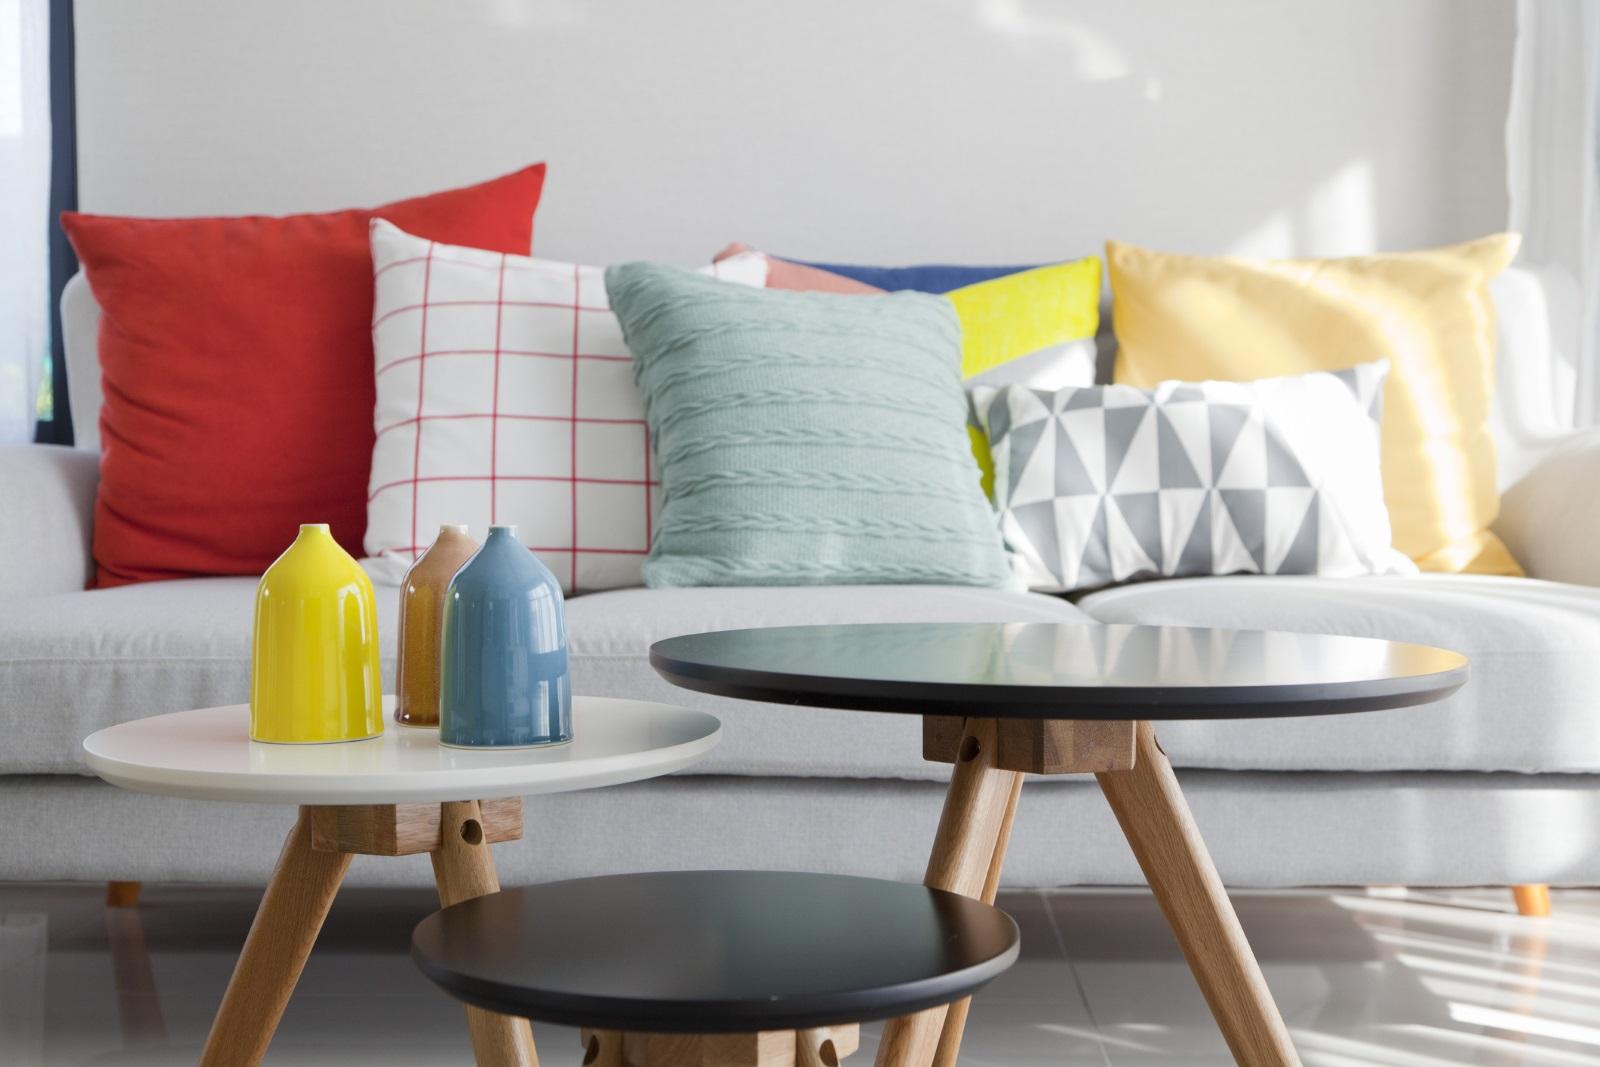 Броят на възглавниците на дивана: Според специалистите колкото повече са те, толкова по уютно изглежда помещението, както и самото място за сядане. Само две възглавници са твърде недостатъчни.